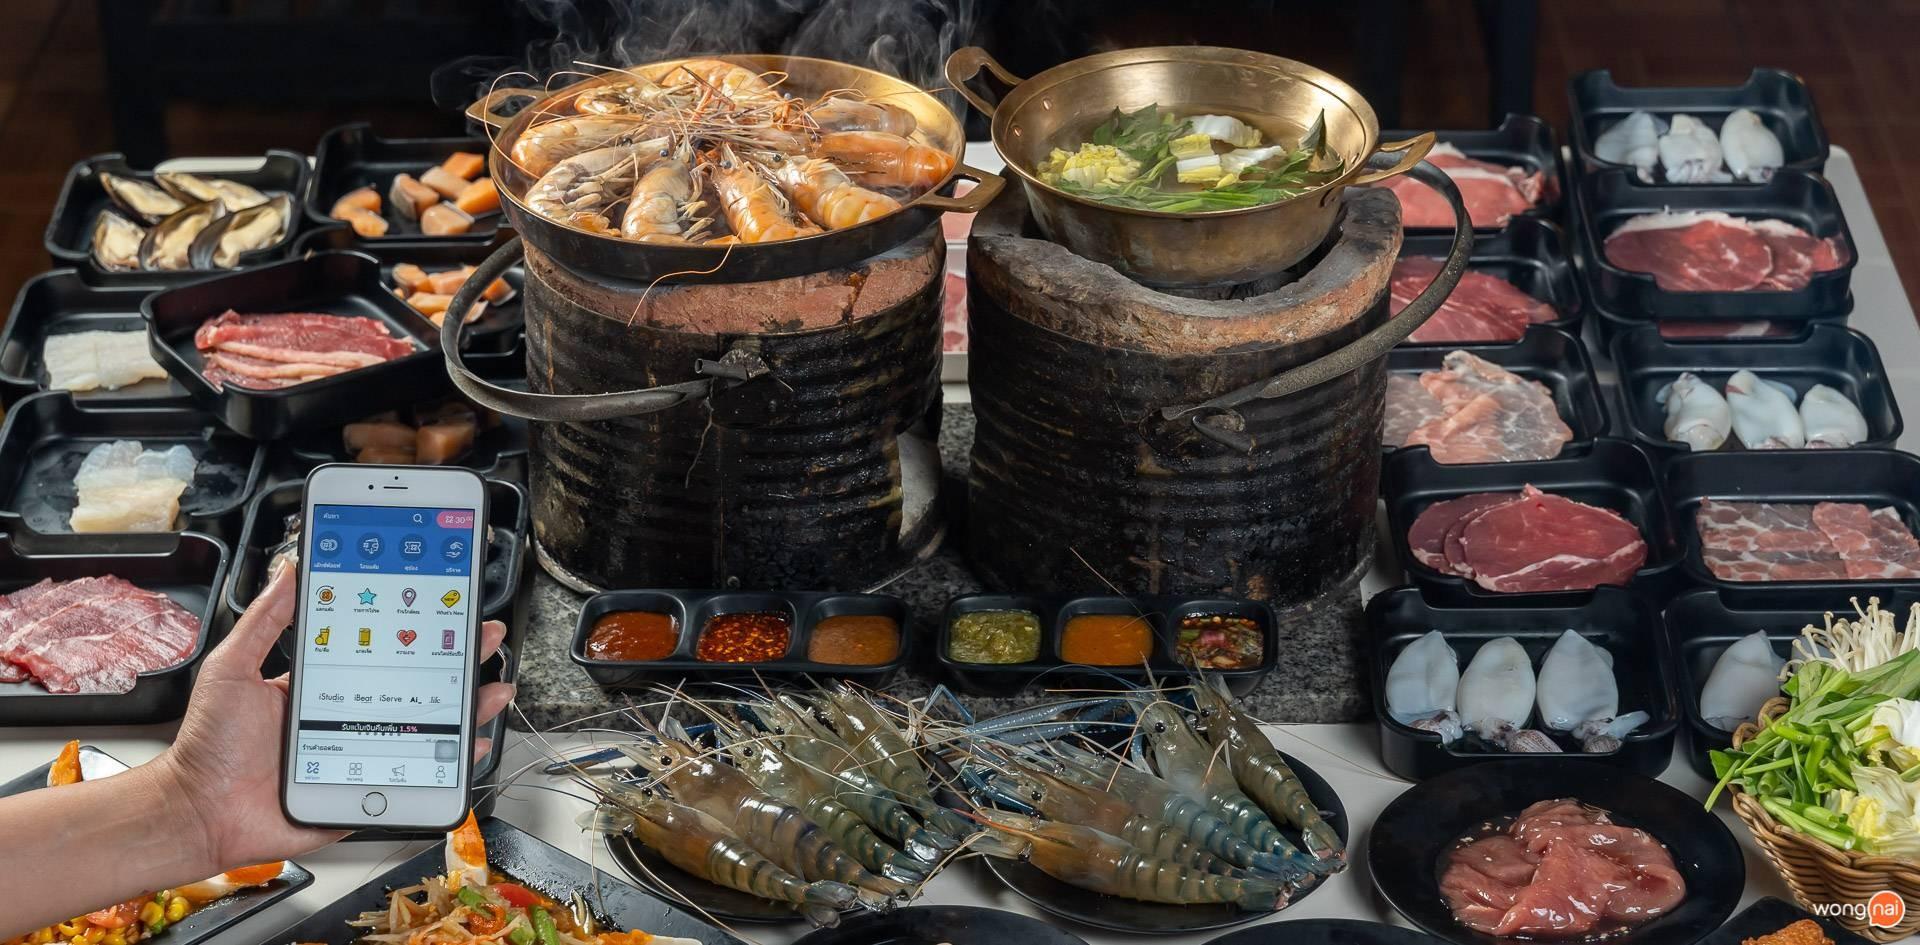 กับข้าวของแม่อาหารตามสั่ง/น้ำพริก(อิสลาม) ลาดพร้าว71